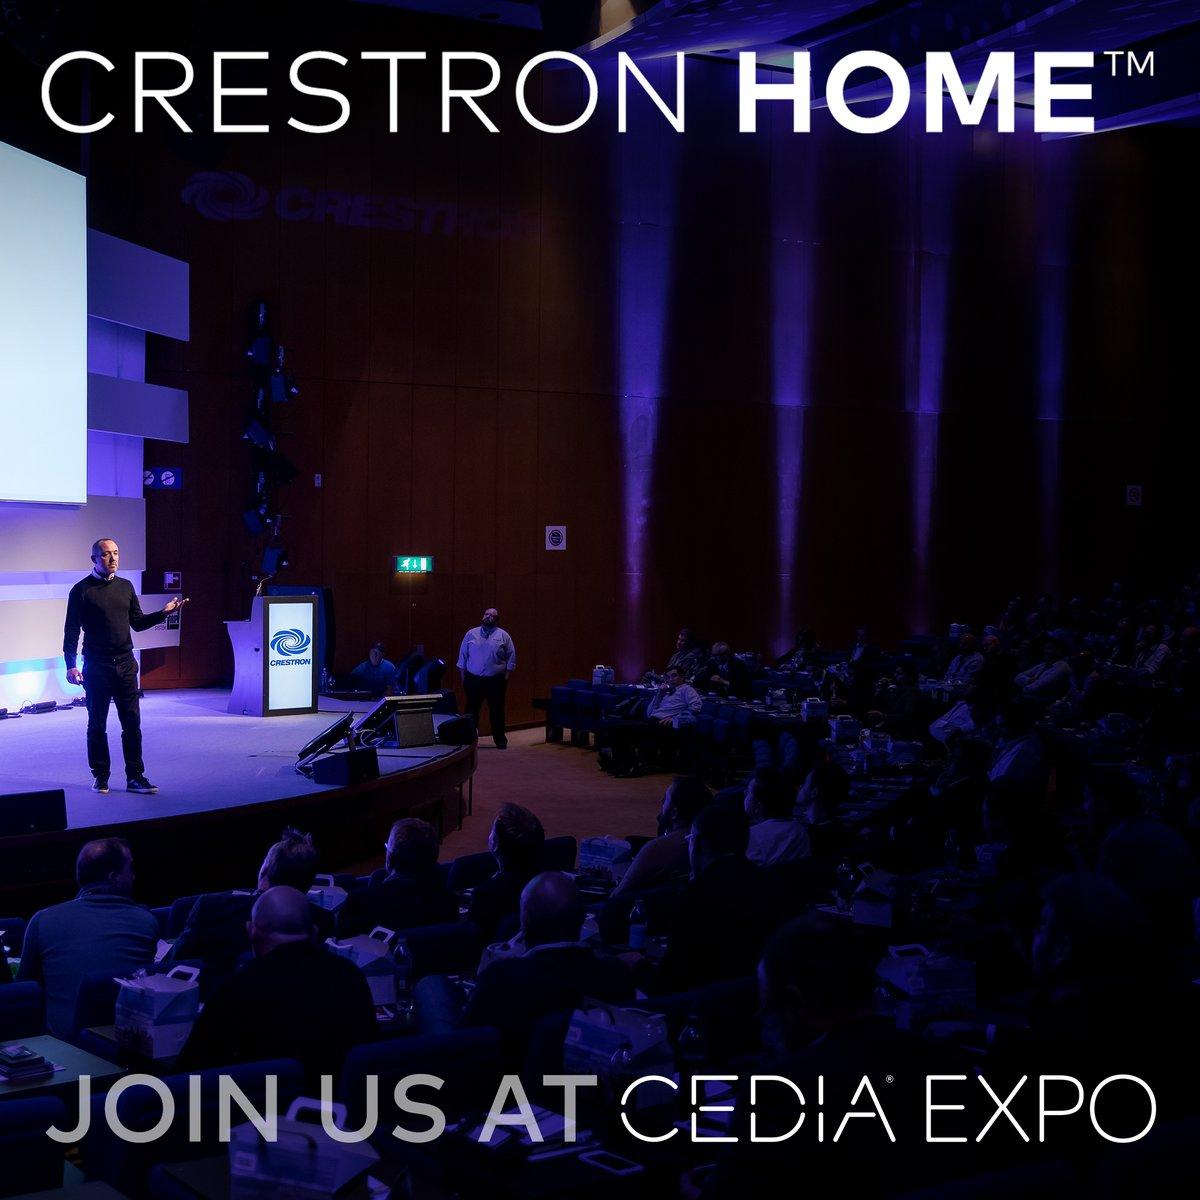 Crestron photo